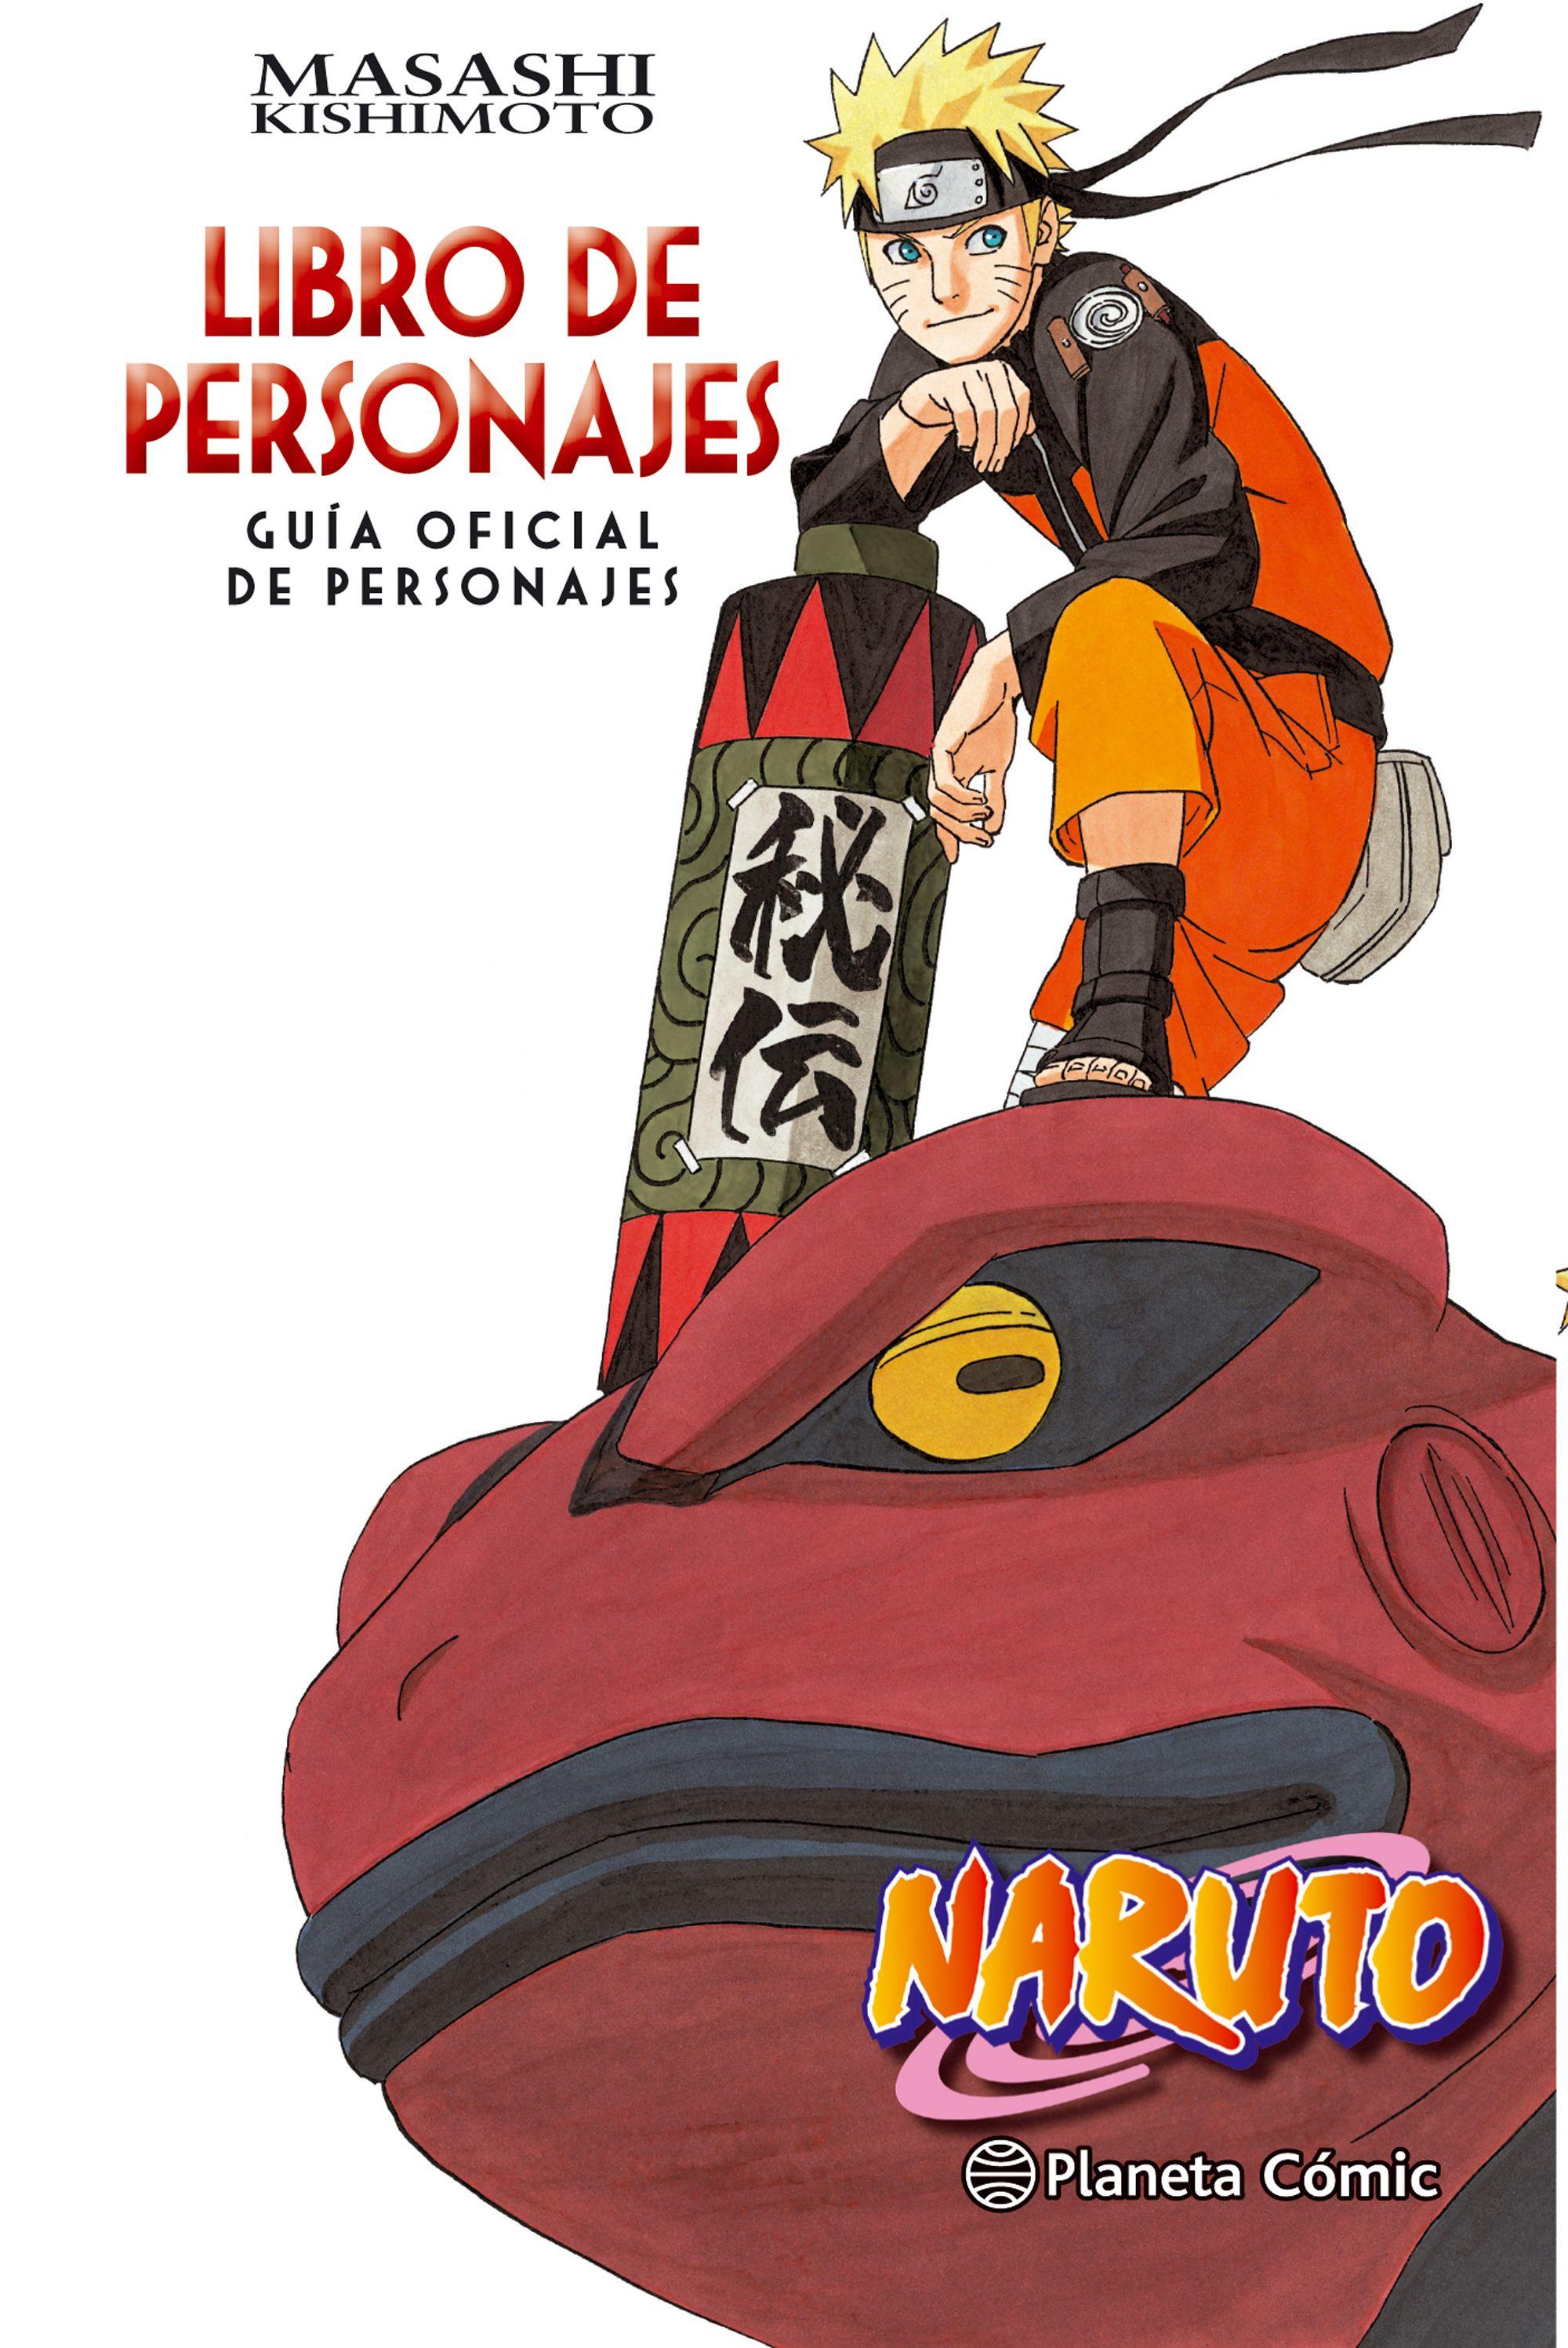 naruto guia nº03 libro de personajes-masashi kishimoto-9788416889921